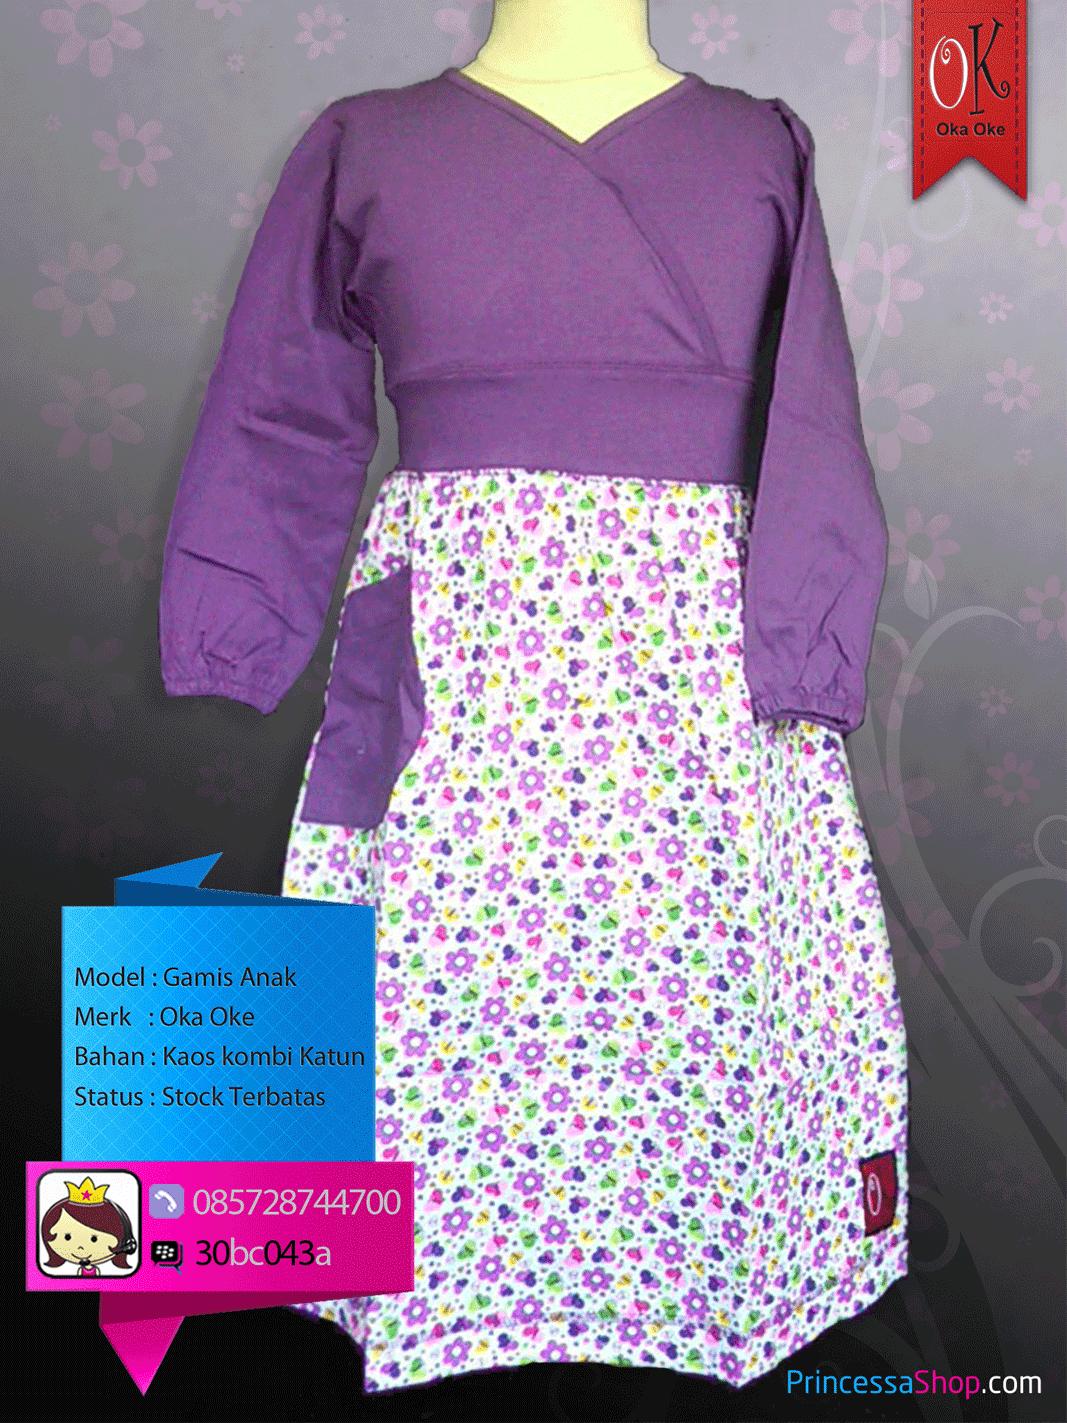 ... Remaja dan Balita Bahan Kaos | Grosir Baju Muslim Gamis Anak Terbaru